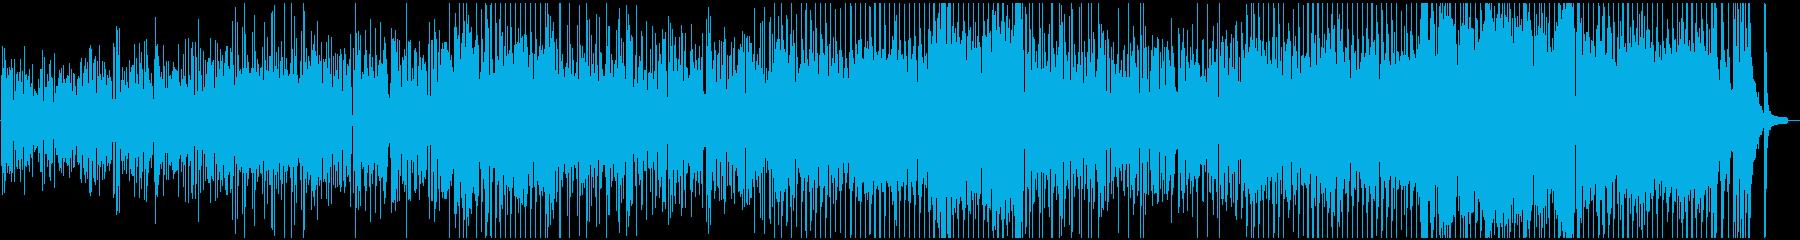 地中海の歌、の再生済みの波形